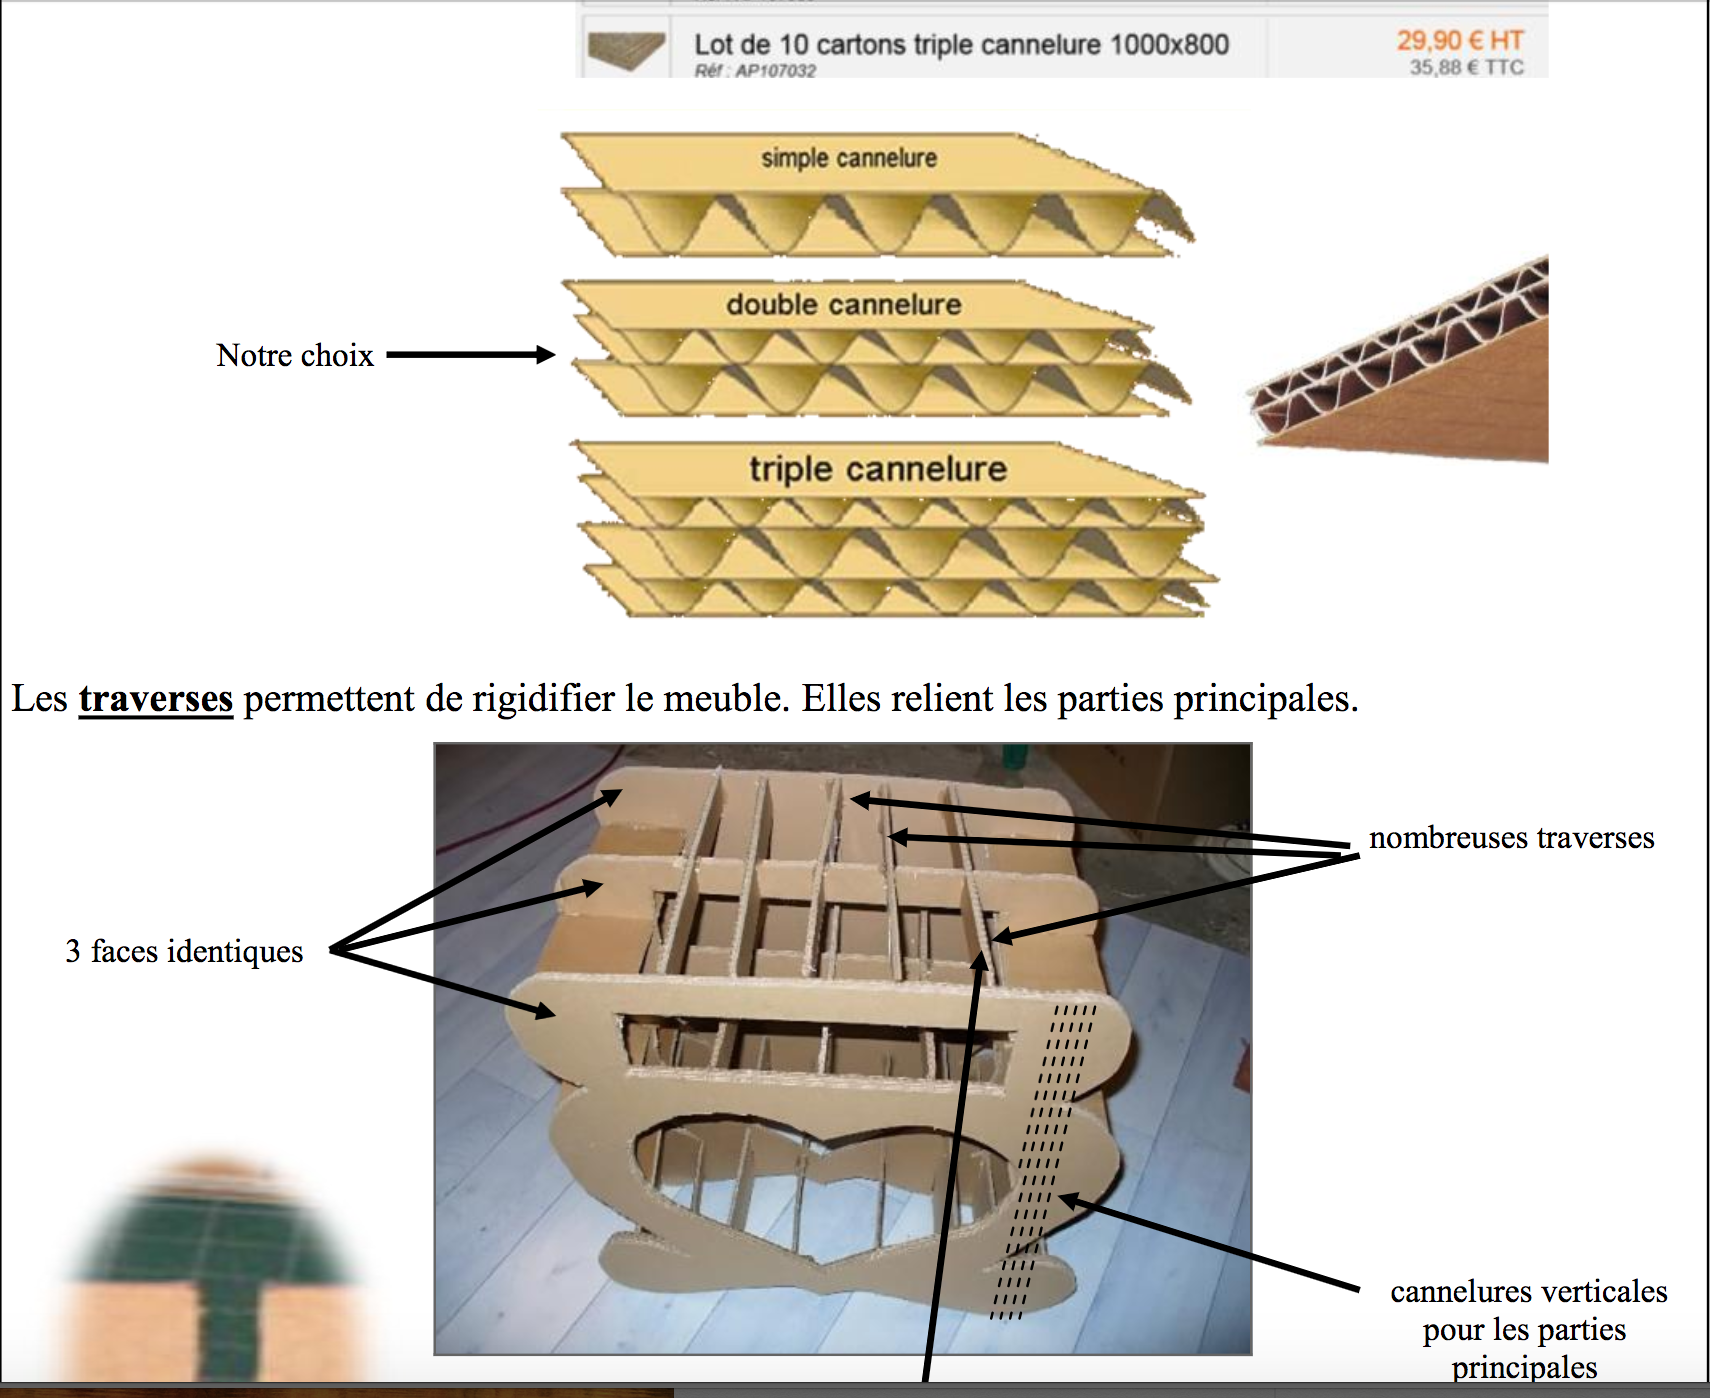 Image De Meuble En Carton projet : le meuble en carton - blog de l'enseignant